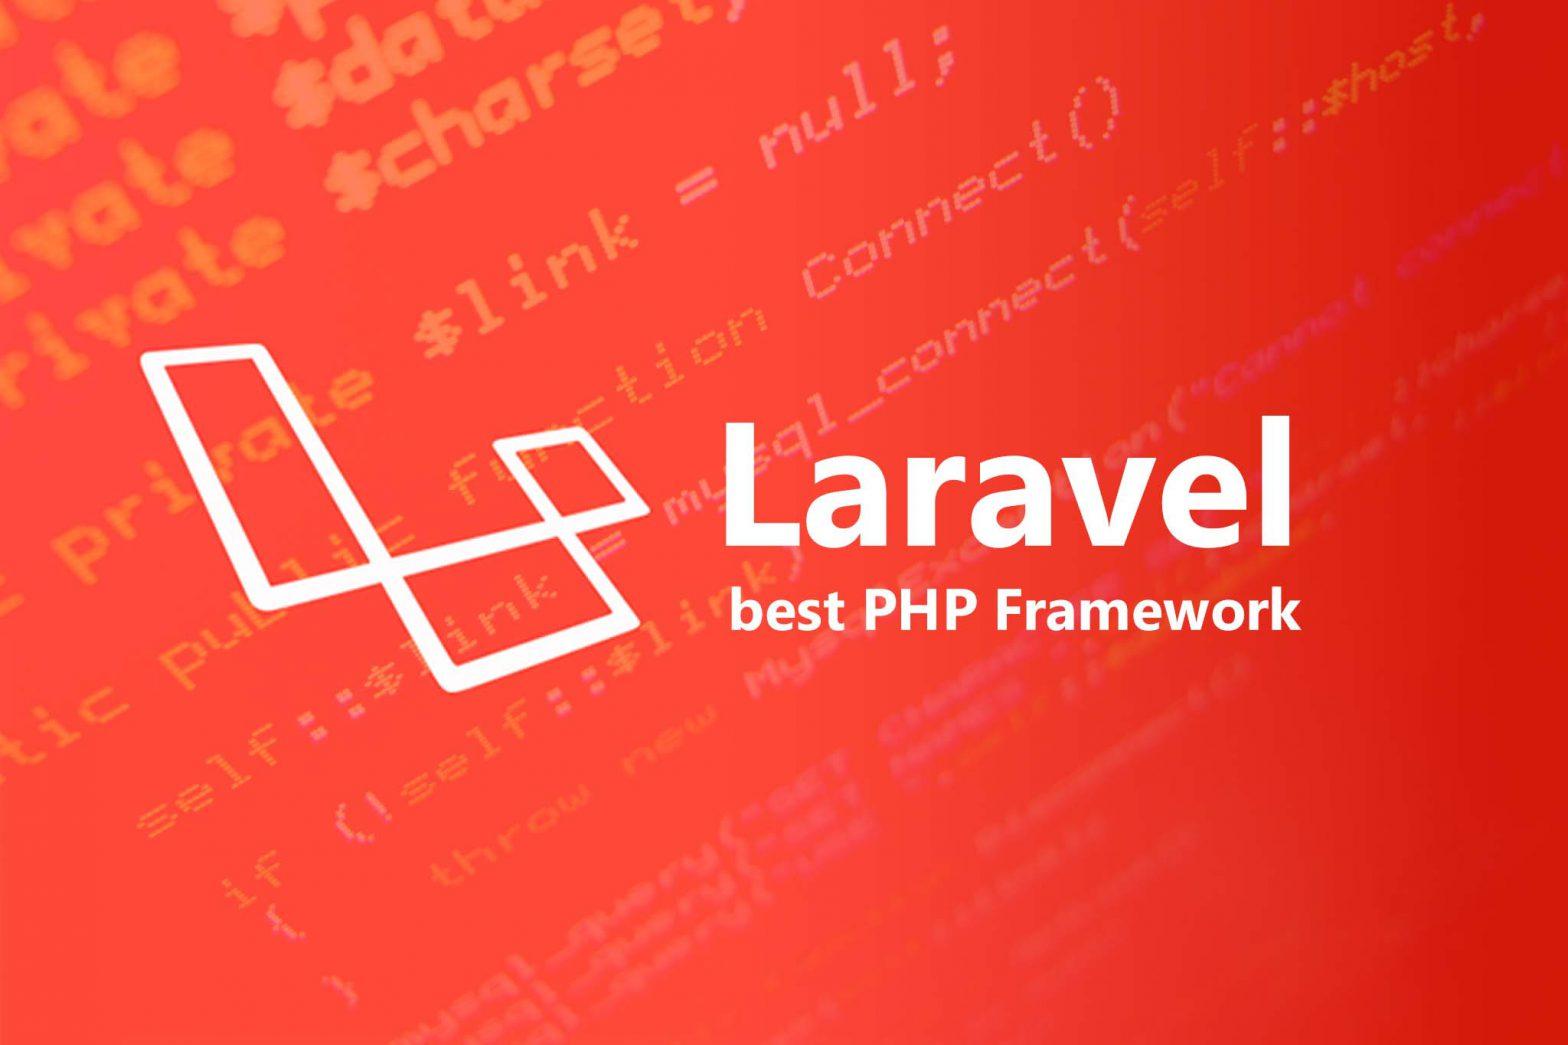 Perks of Laravel Development Services for new business